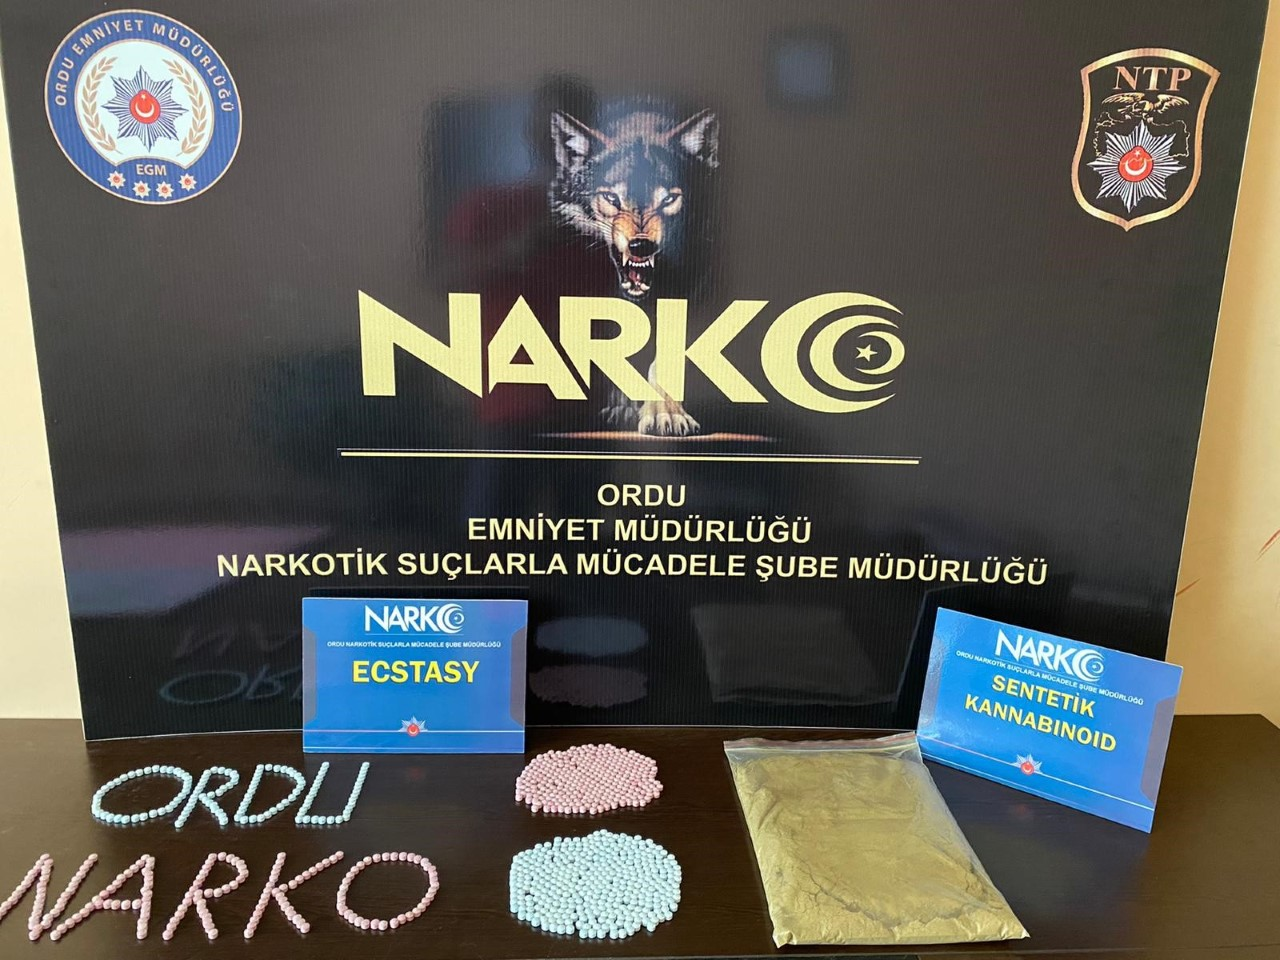 İl Emniyet Müdürlüğüne bağlı Narkotik Suçlarla Mücadele Şube Müdürlüğü tarafından yapılan çalışmalar